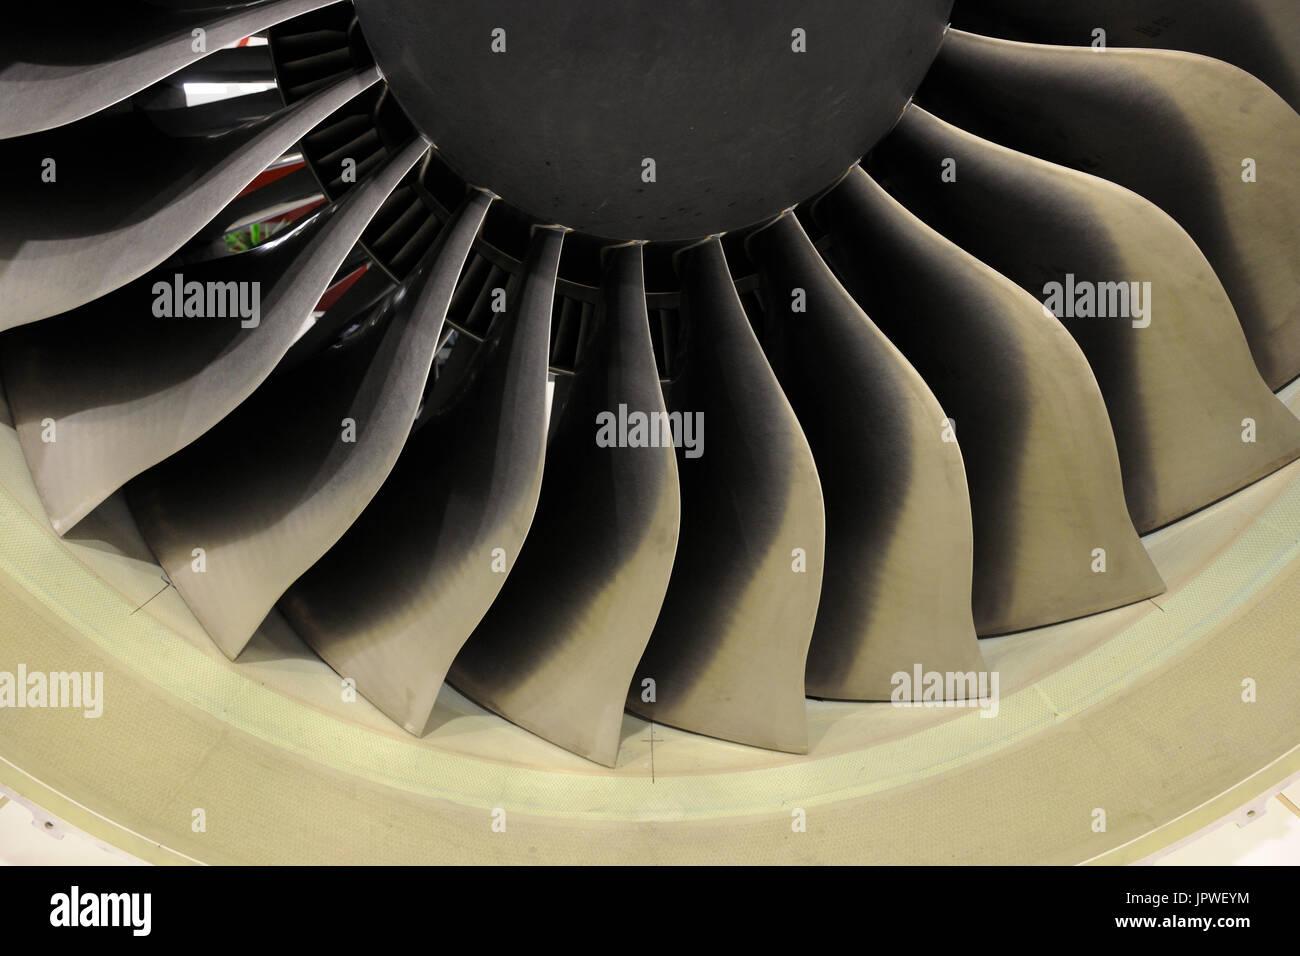 Engine Alliance GP7270 jet-engine front-fan blades at the Paris Airshow Salon-du-Bourget 2011 - Stock Image